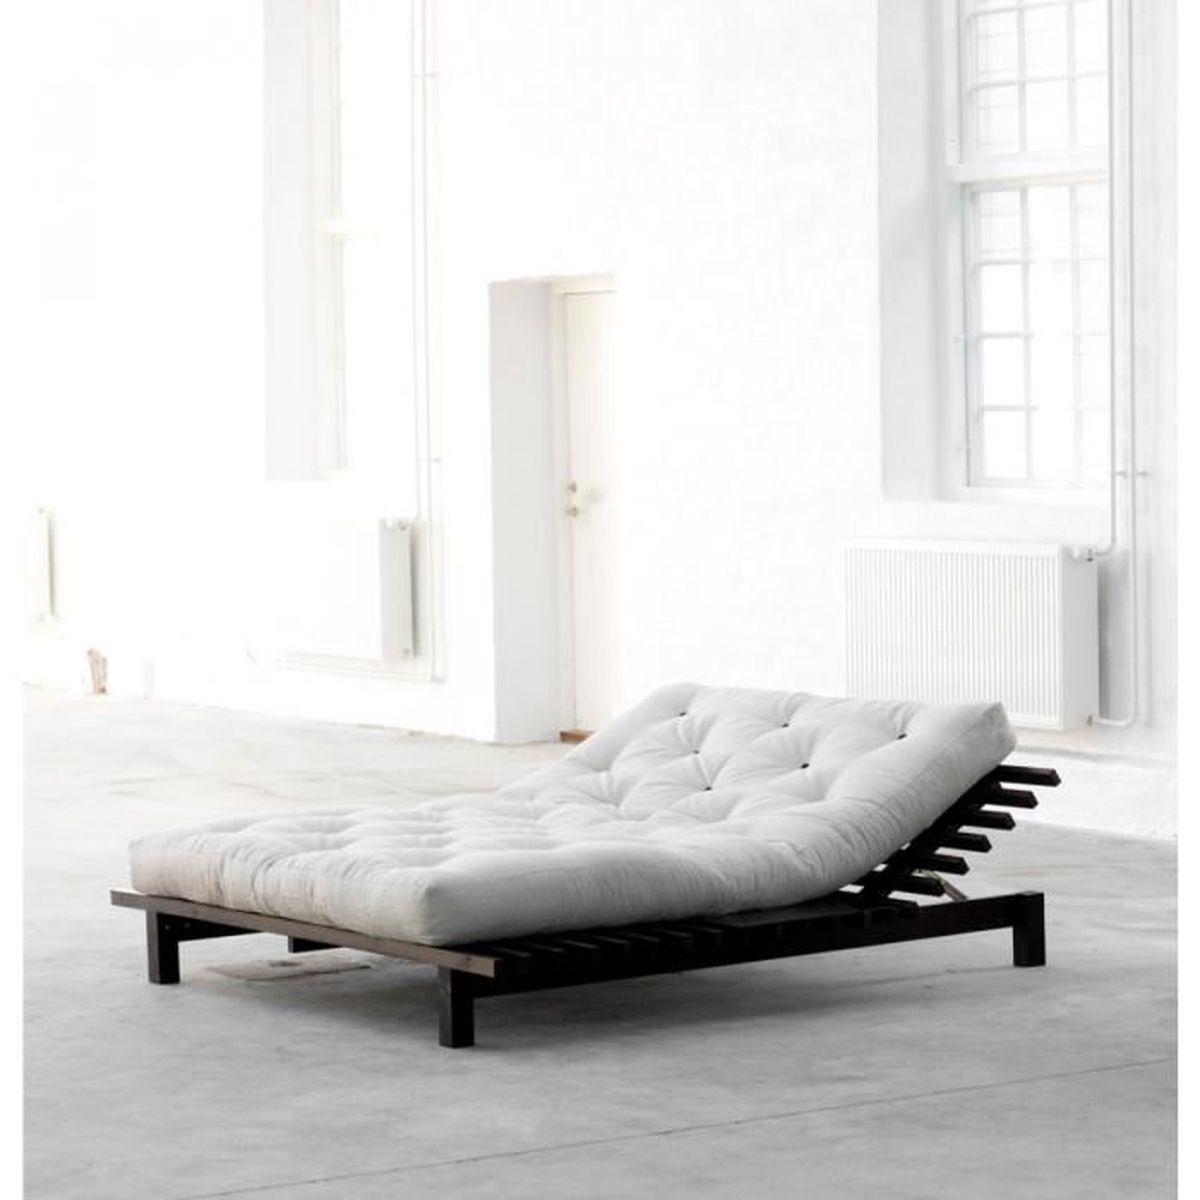 lit futon. Black Bedroom Furniture Sets. Home Design Ideas